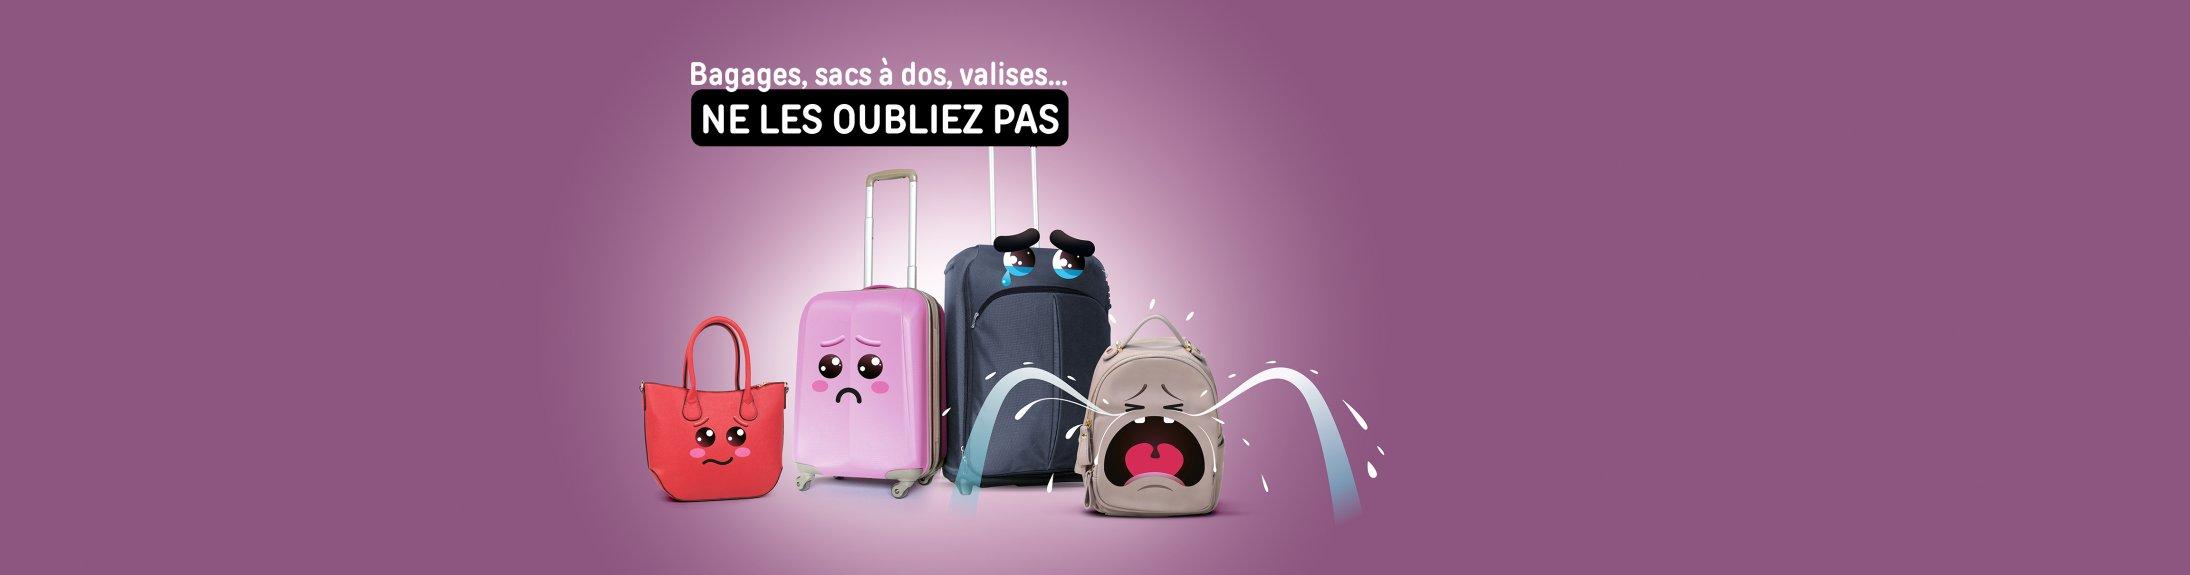 bagages abandonnés